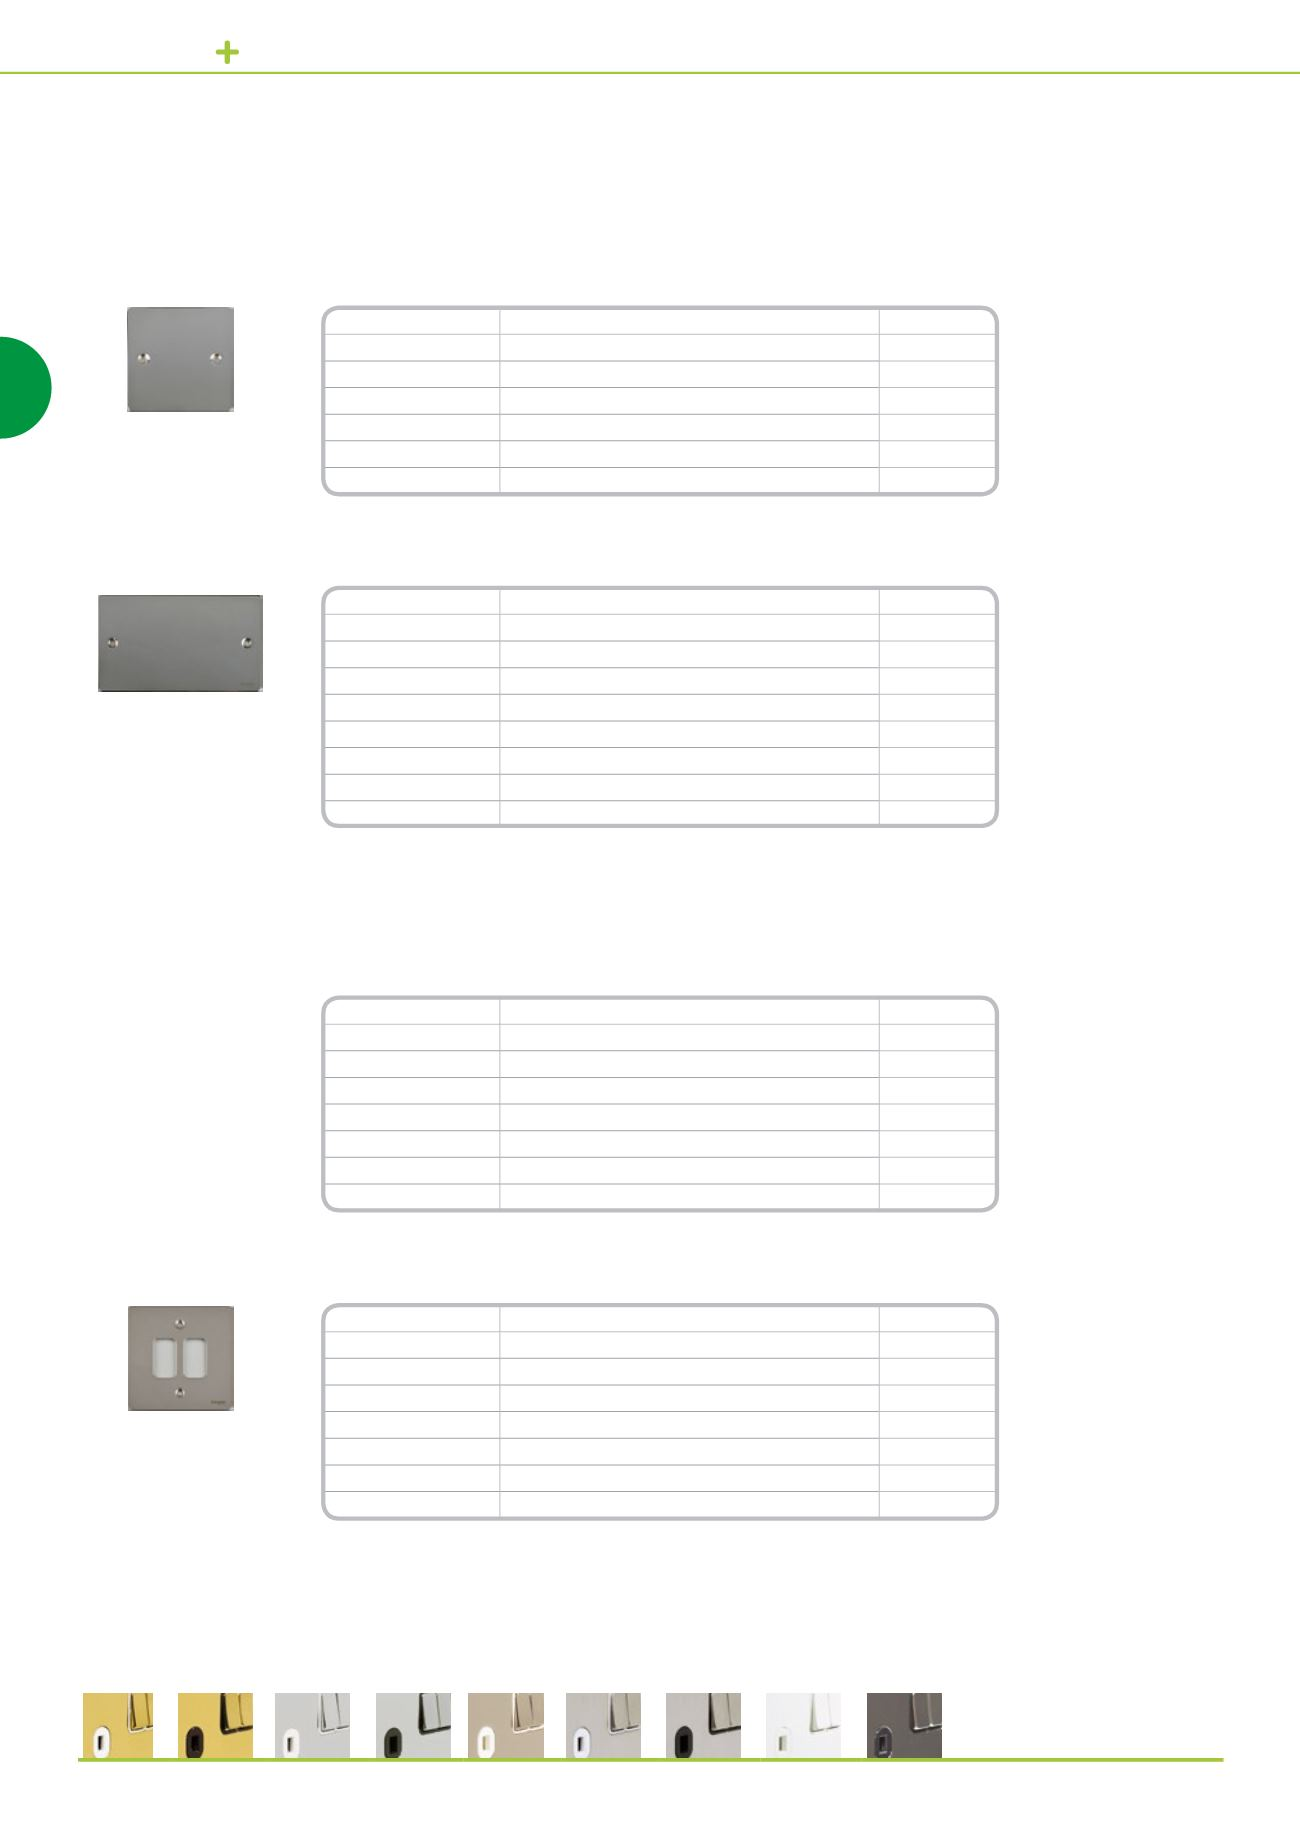 2 Gangs Pearl Nickel Pack of 1 Schneider Electric GU8220PN Ultimate Blank Plate